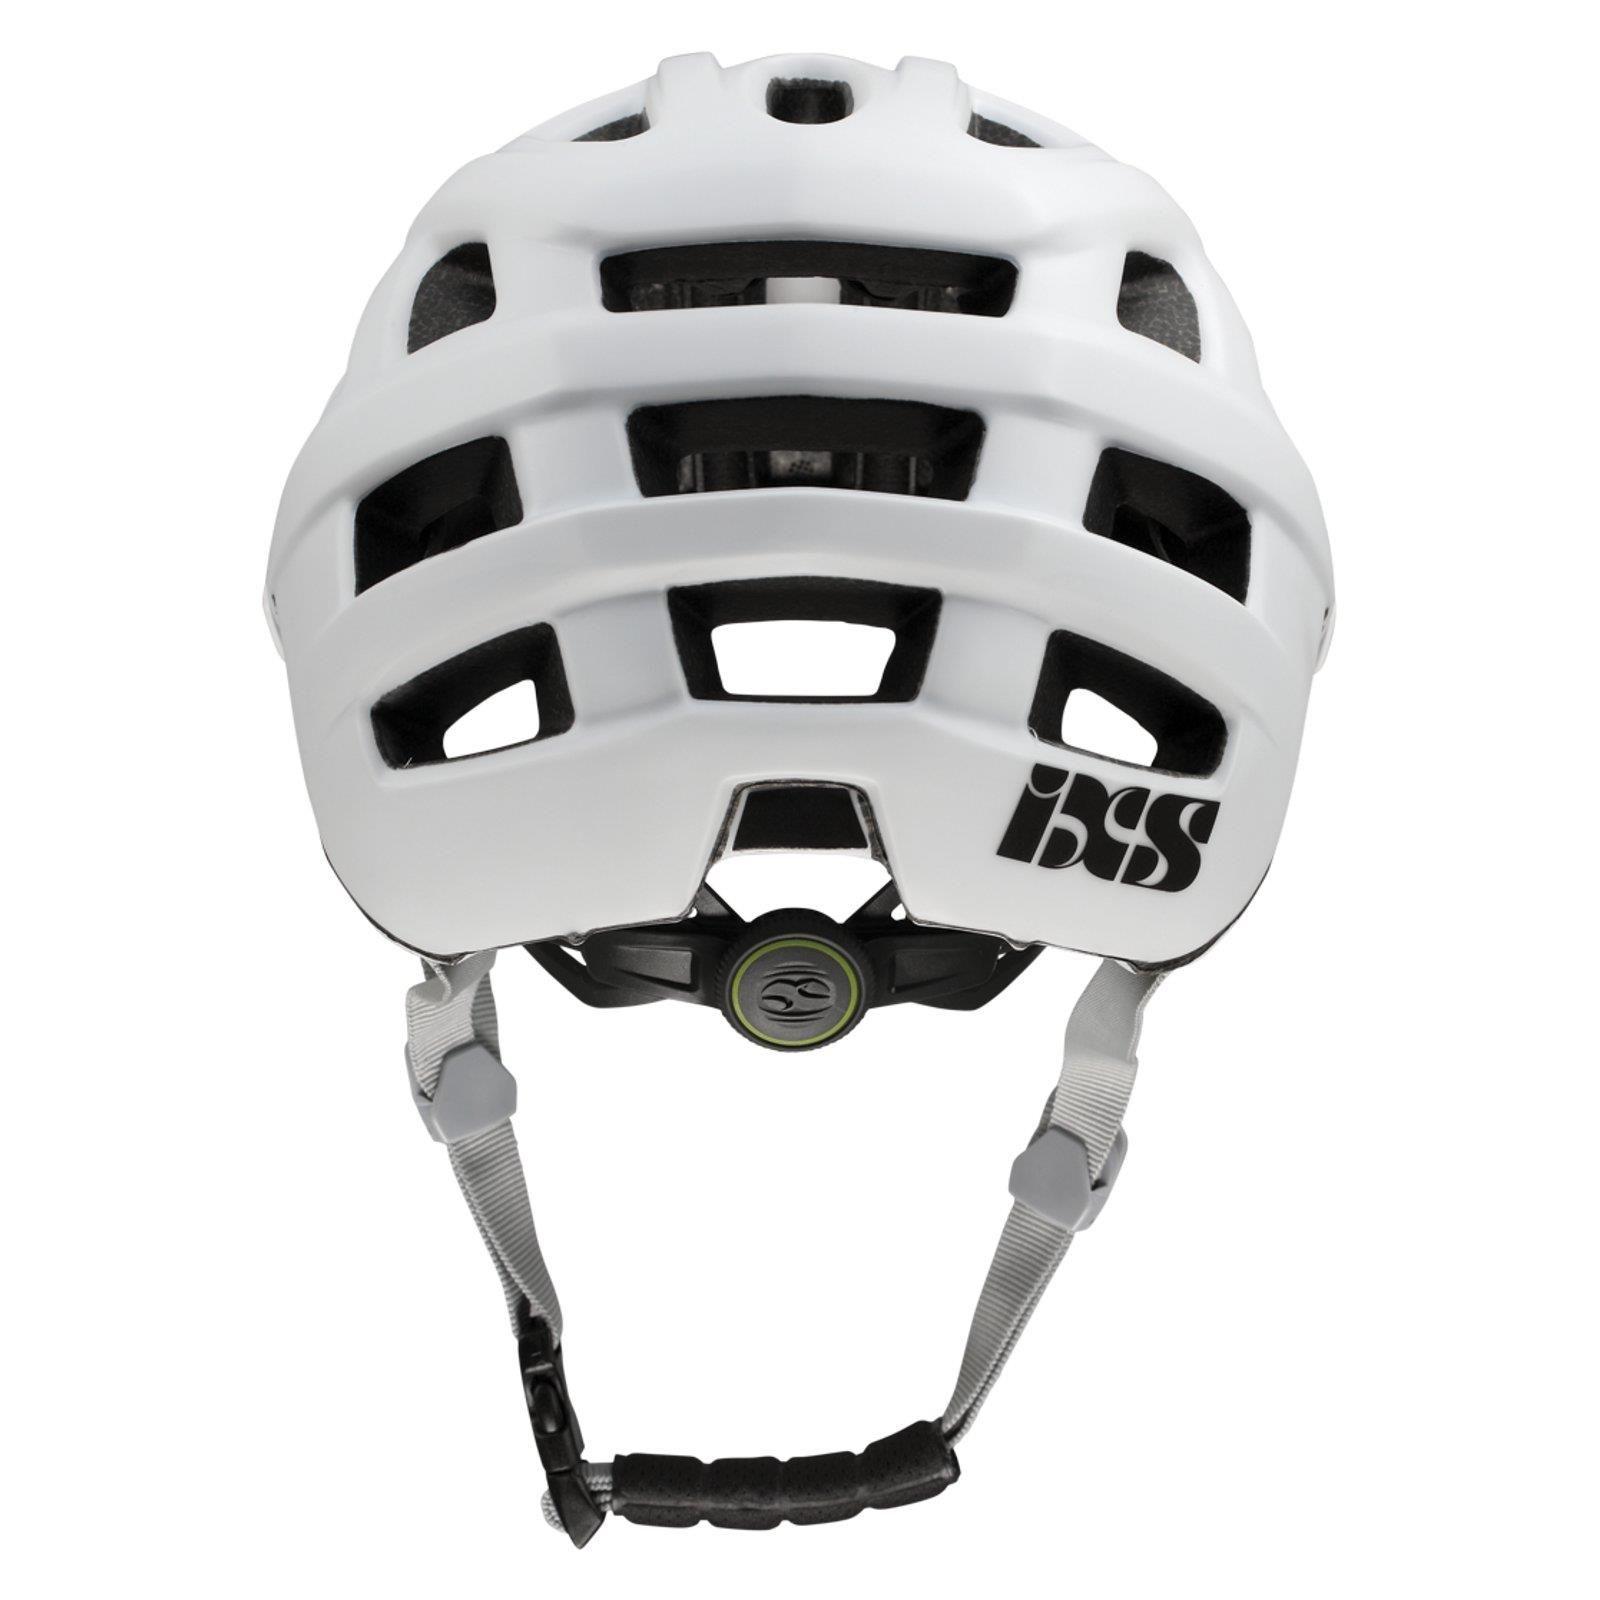 Ixs Trail Rs Evo Fahrrad Helm All Mountain Bike Am Mtb Enduro Dh Downhill Inmold All Mountain Bike Enduro Mtb Mountain Biking